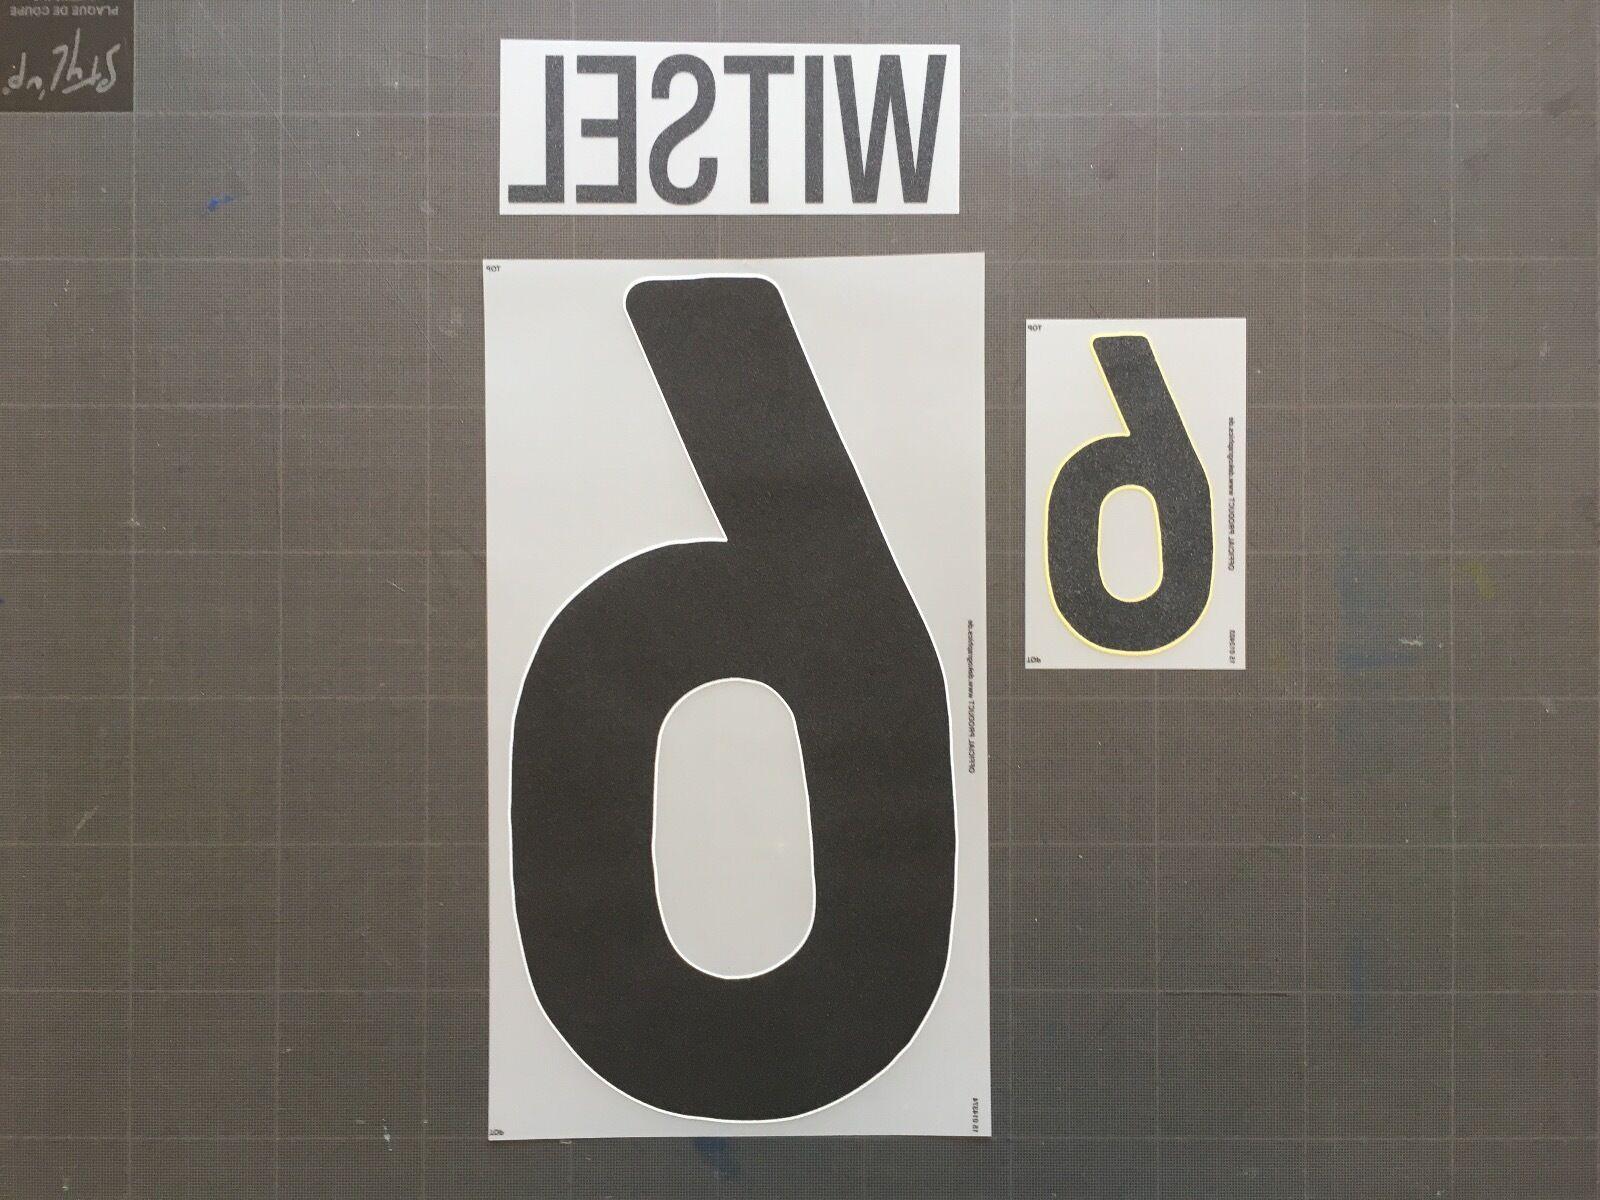 WITSEL 6 BELGIUM AWAY AWAY AWAY NAMESET FLOCAGE TRANSFERT BELGIQUE DEKOGRAPHICS e4124b